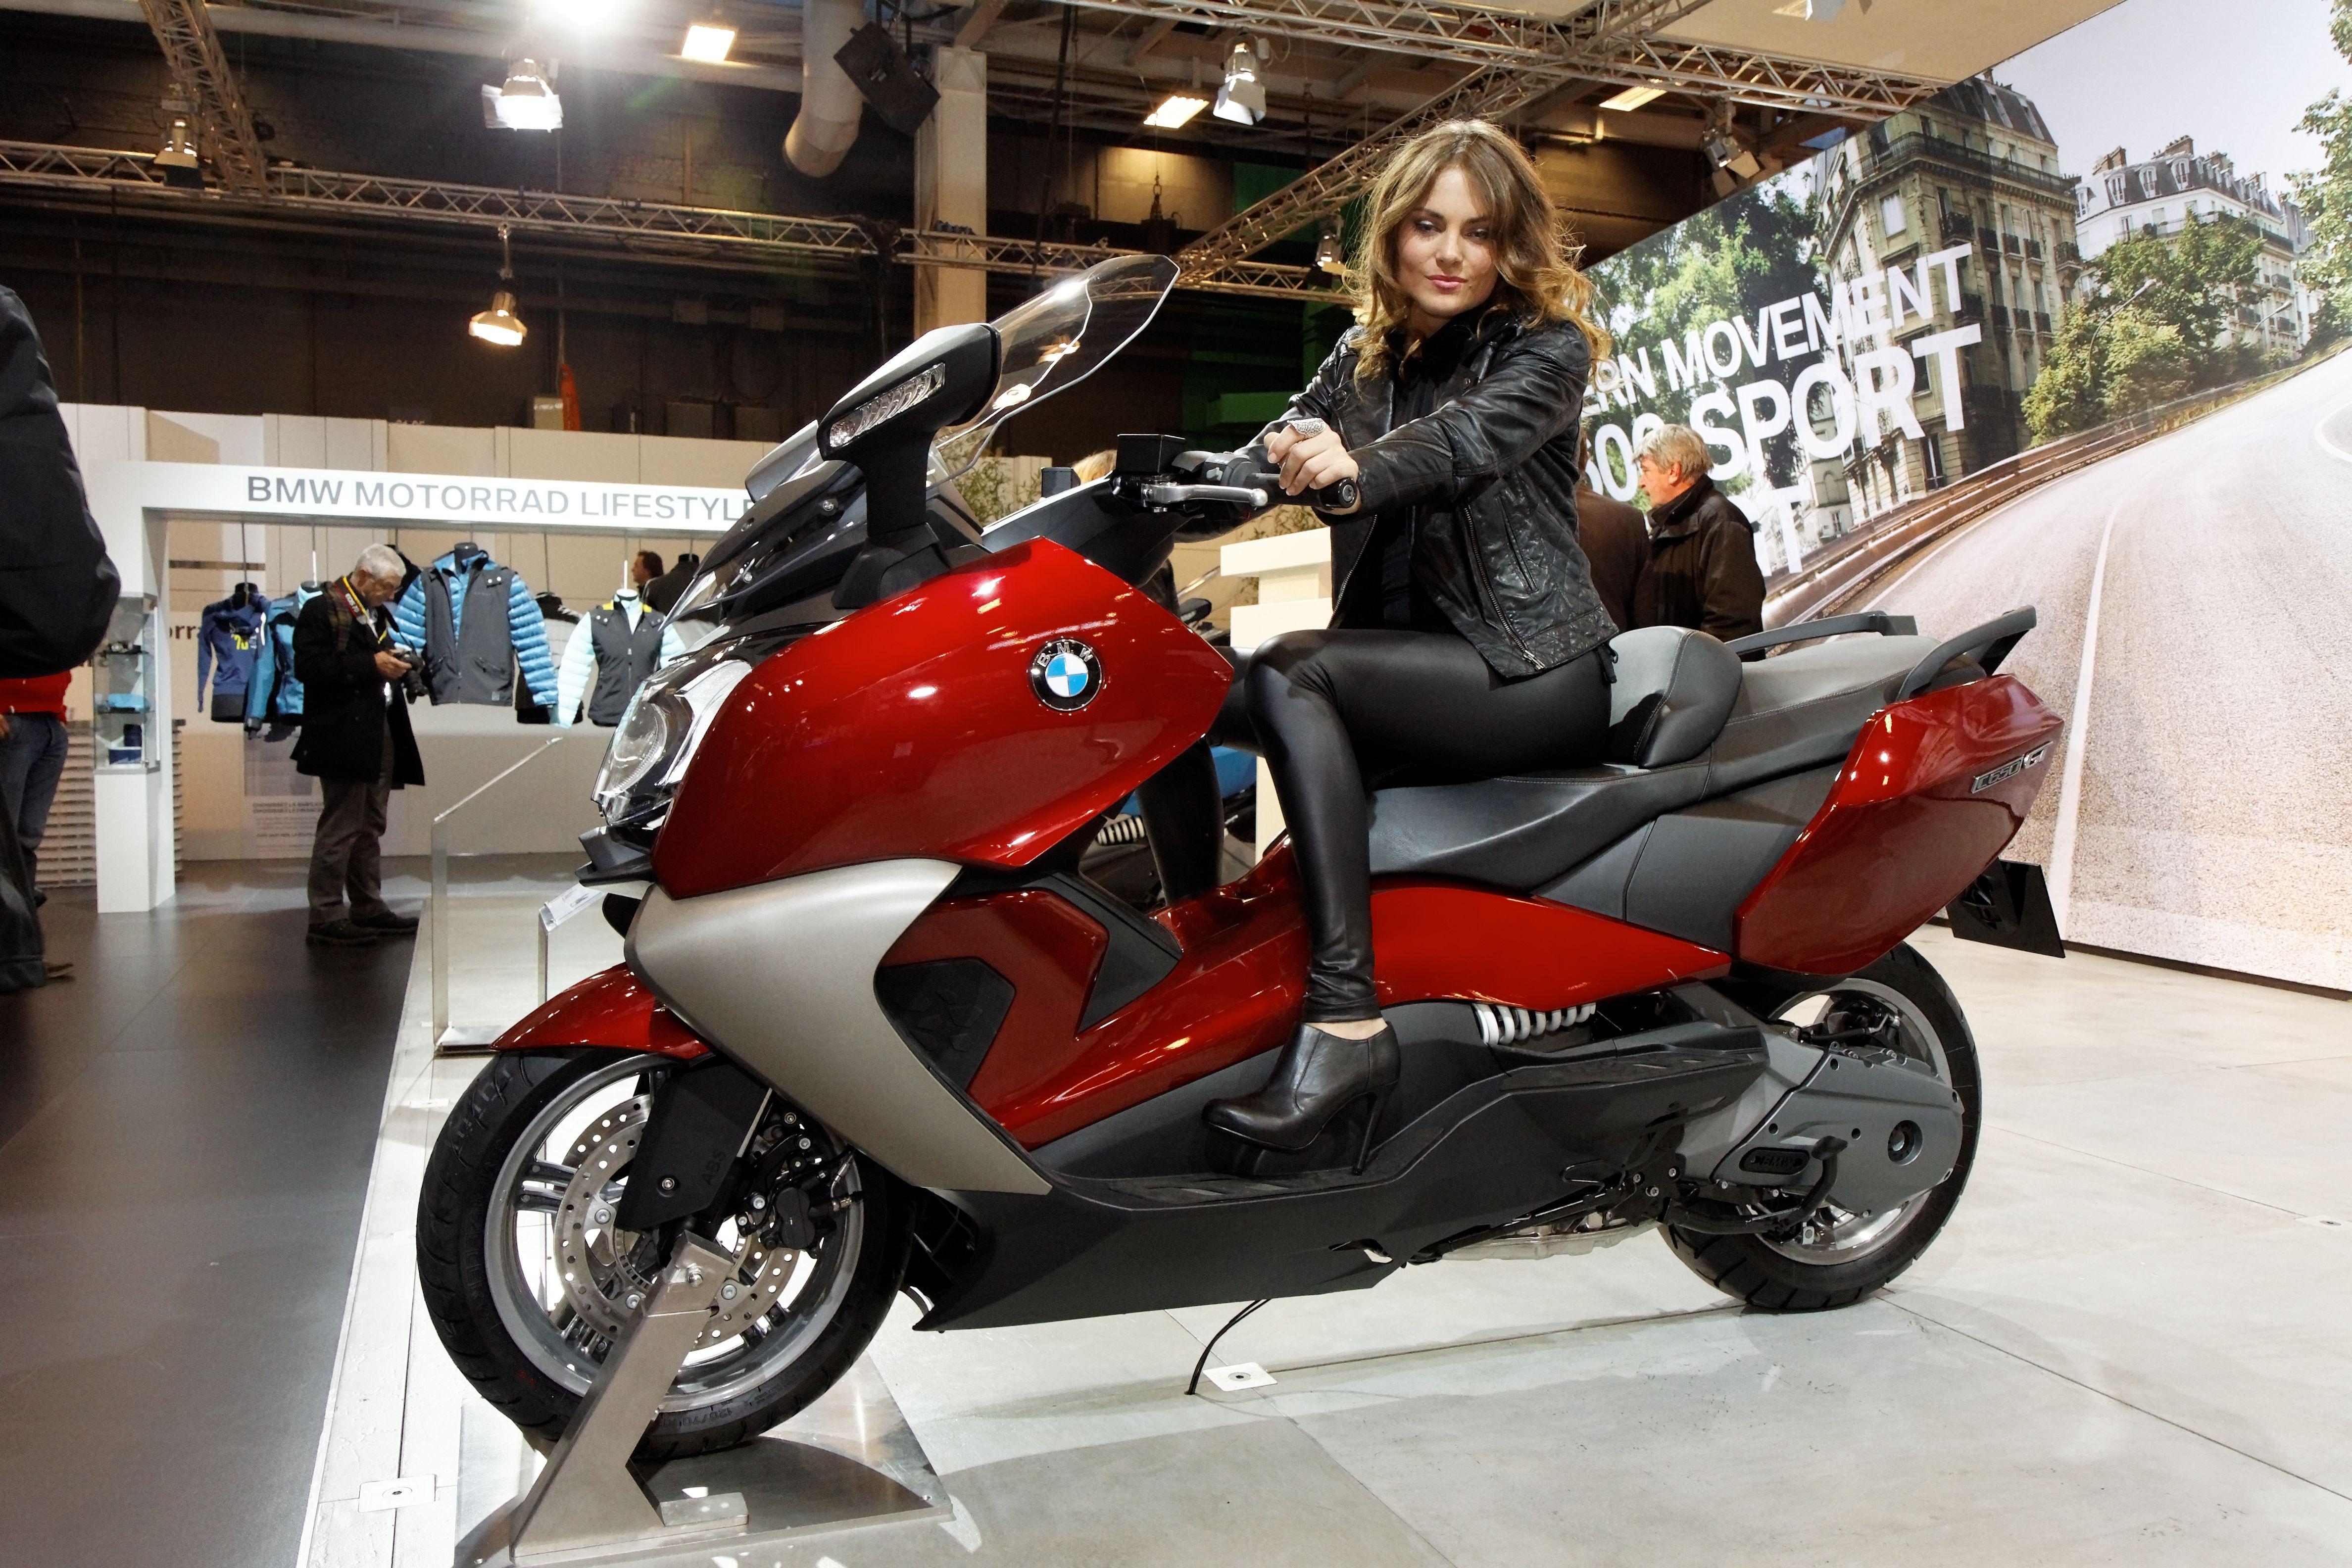 Paris__Salon_de_la_moto_2011__BMW__C_650_GT_et_hôtesse